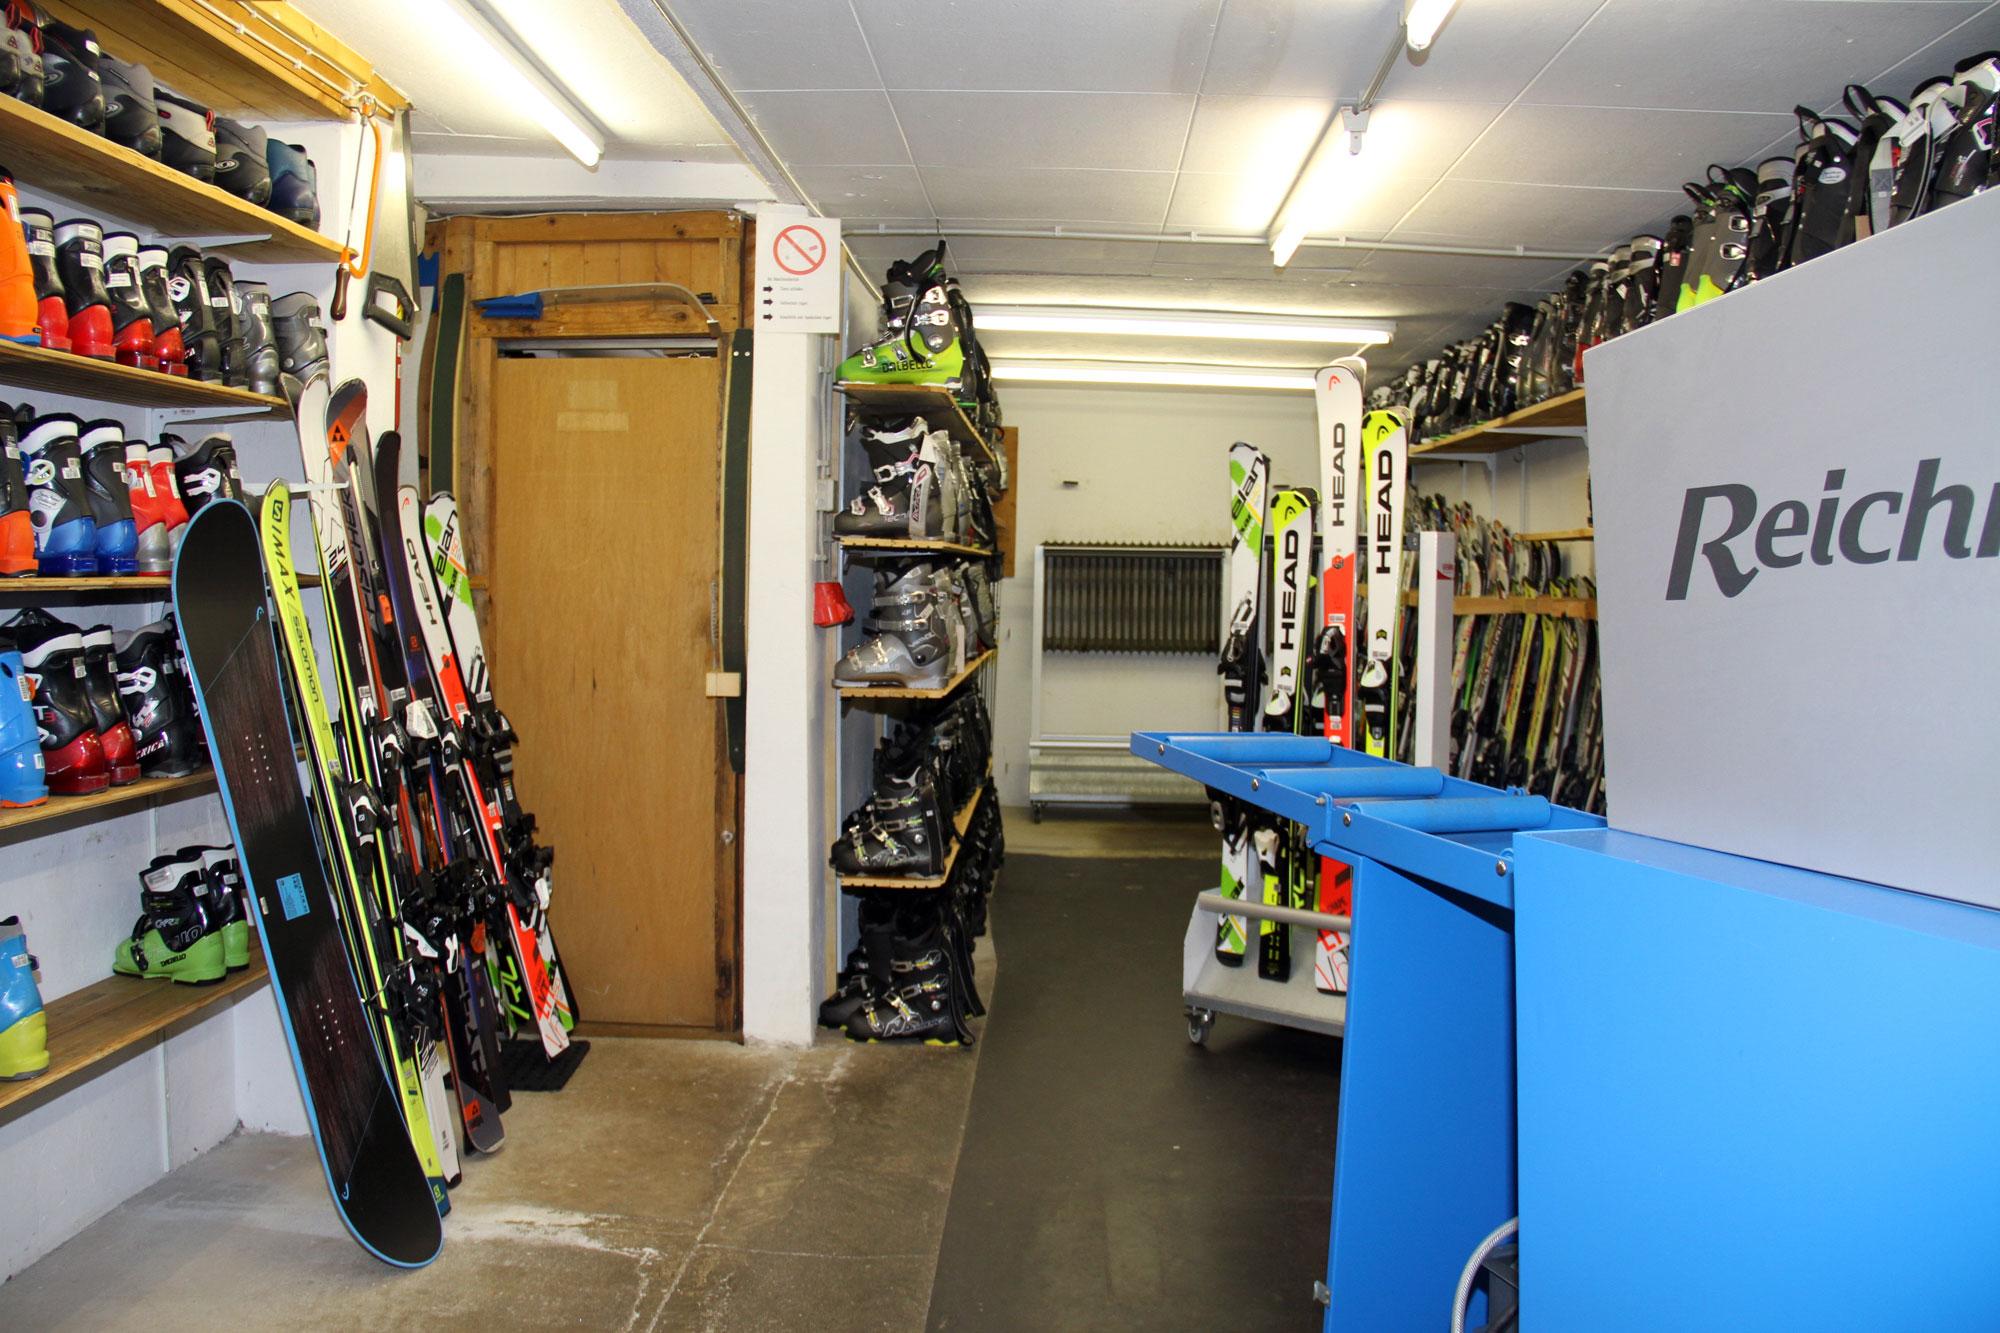 www.skiverleih-kleinwalsertal.de – Sporthaus Edelweiß – Skiverleih – Skiservice – Online-Ski-Reservieren-Buchen